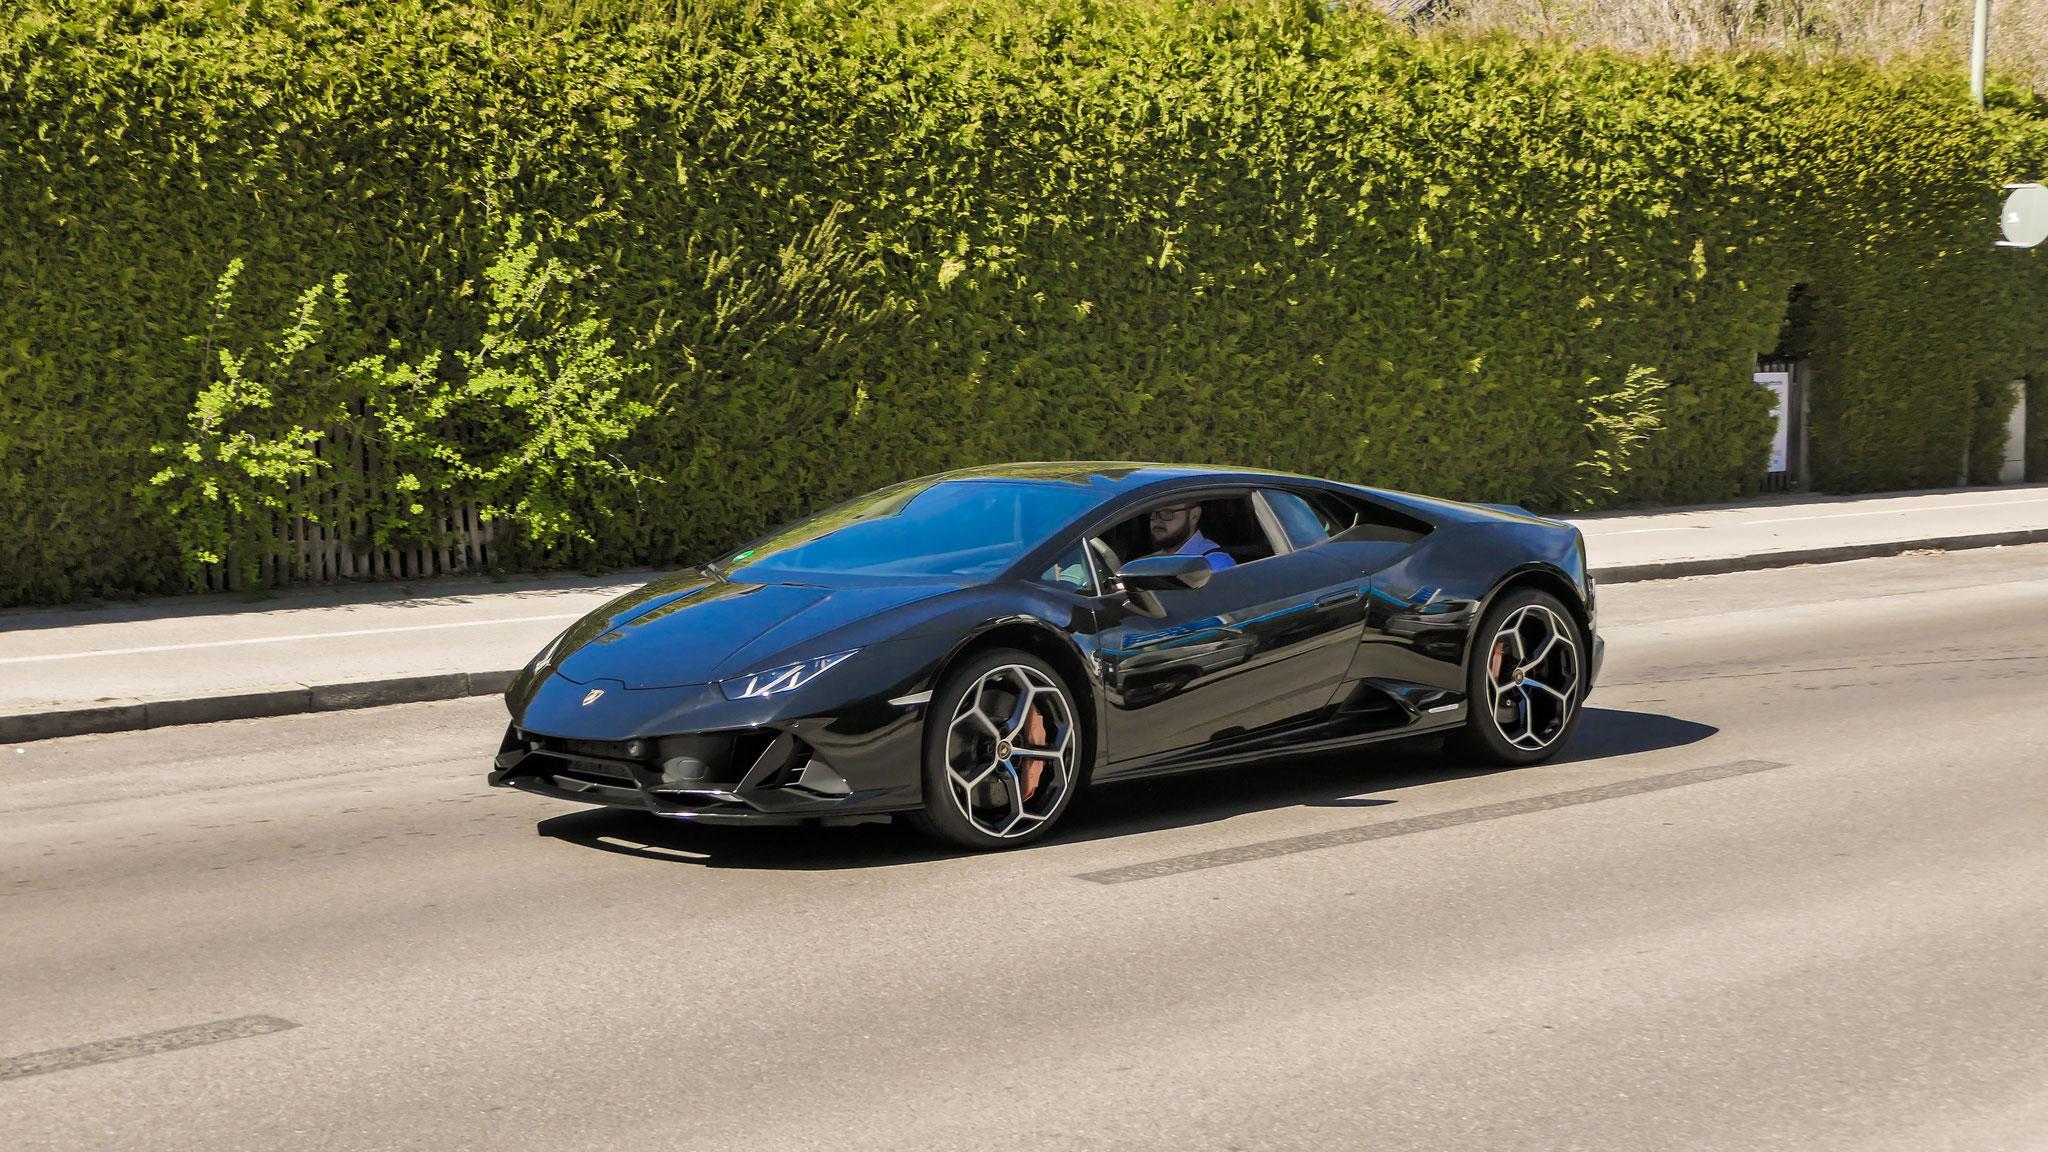 Lamborghini Huracan Evo - M-MO-893